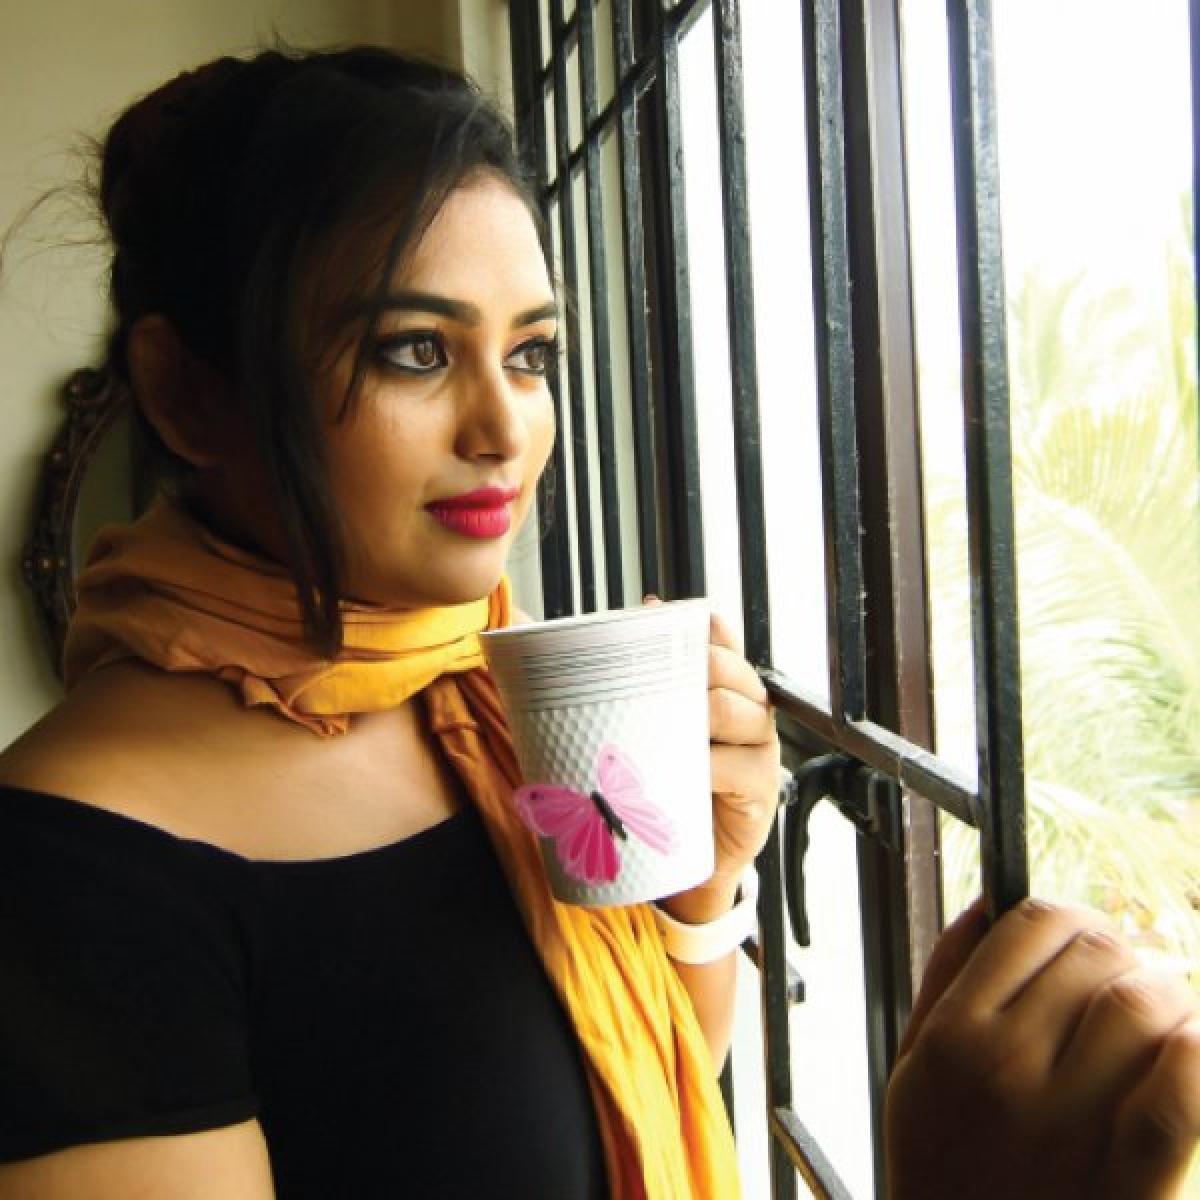 சீரியஸான சிம்பு ரசிகை நான்! - சின்னதிரை நாயகி ஃபரினா